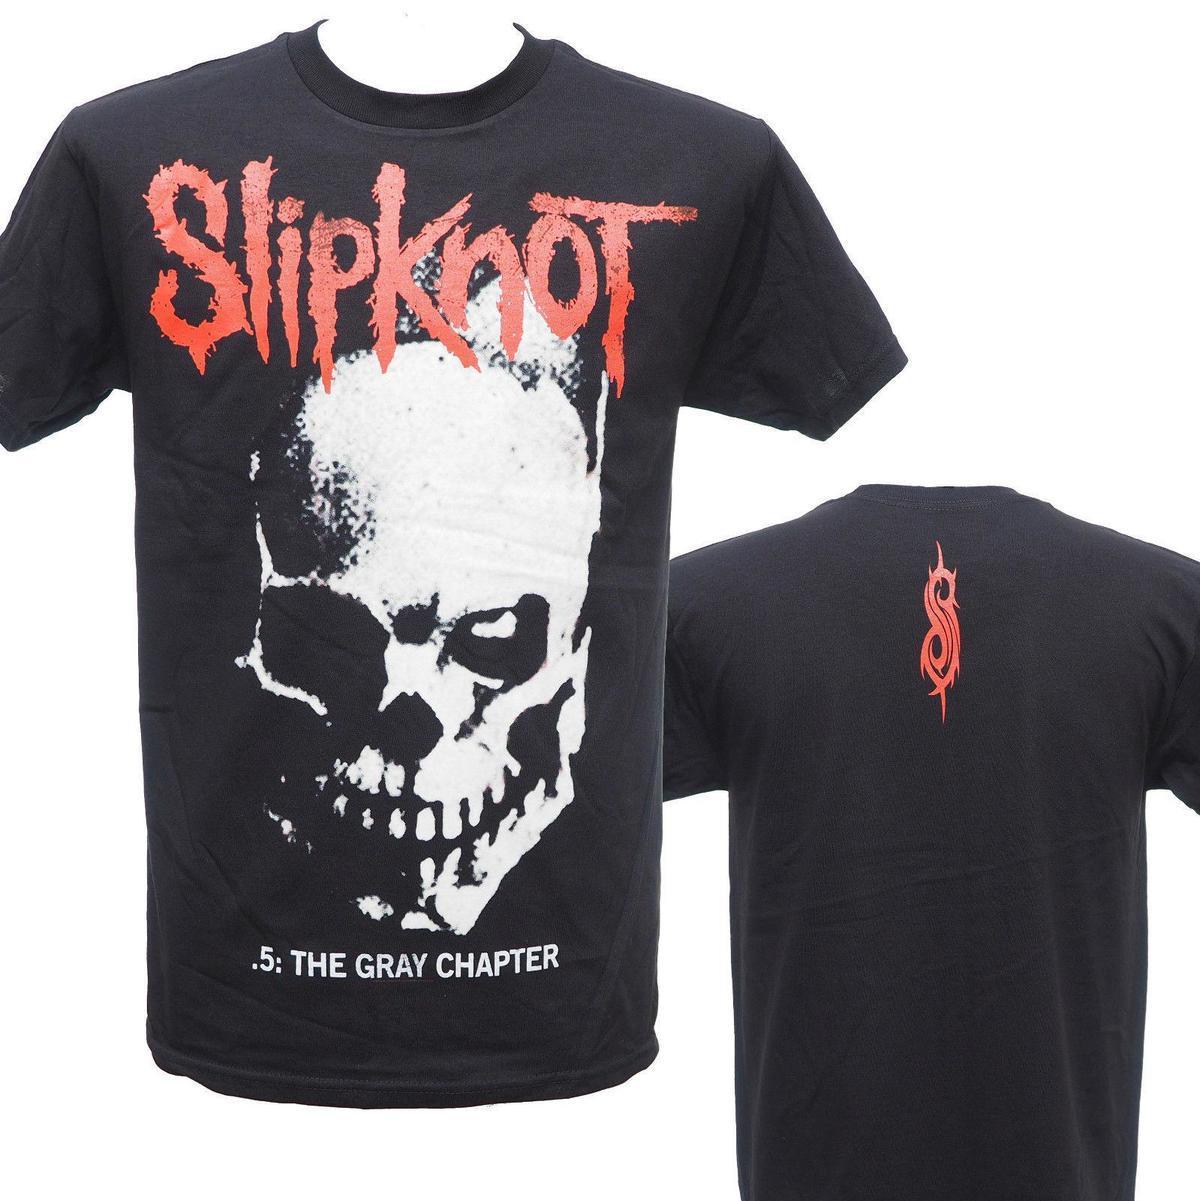 SLIPKNOT NEW ALBUM 2014 SKULL & TRIBAL Official T-Shirt New 2XL ONLY